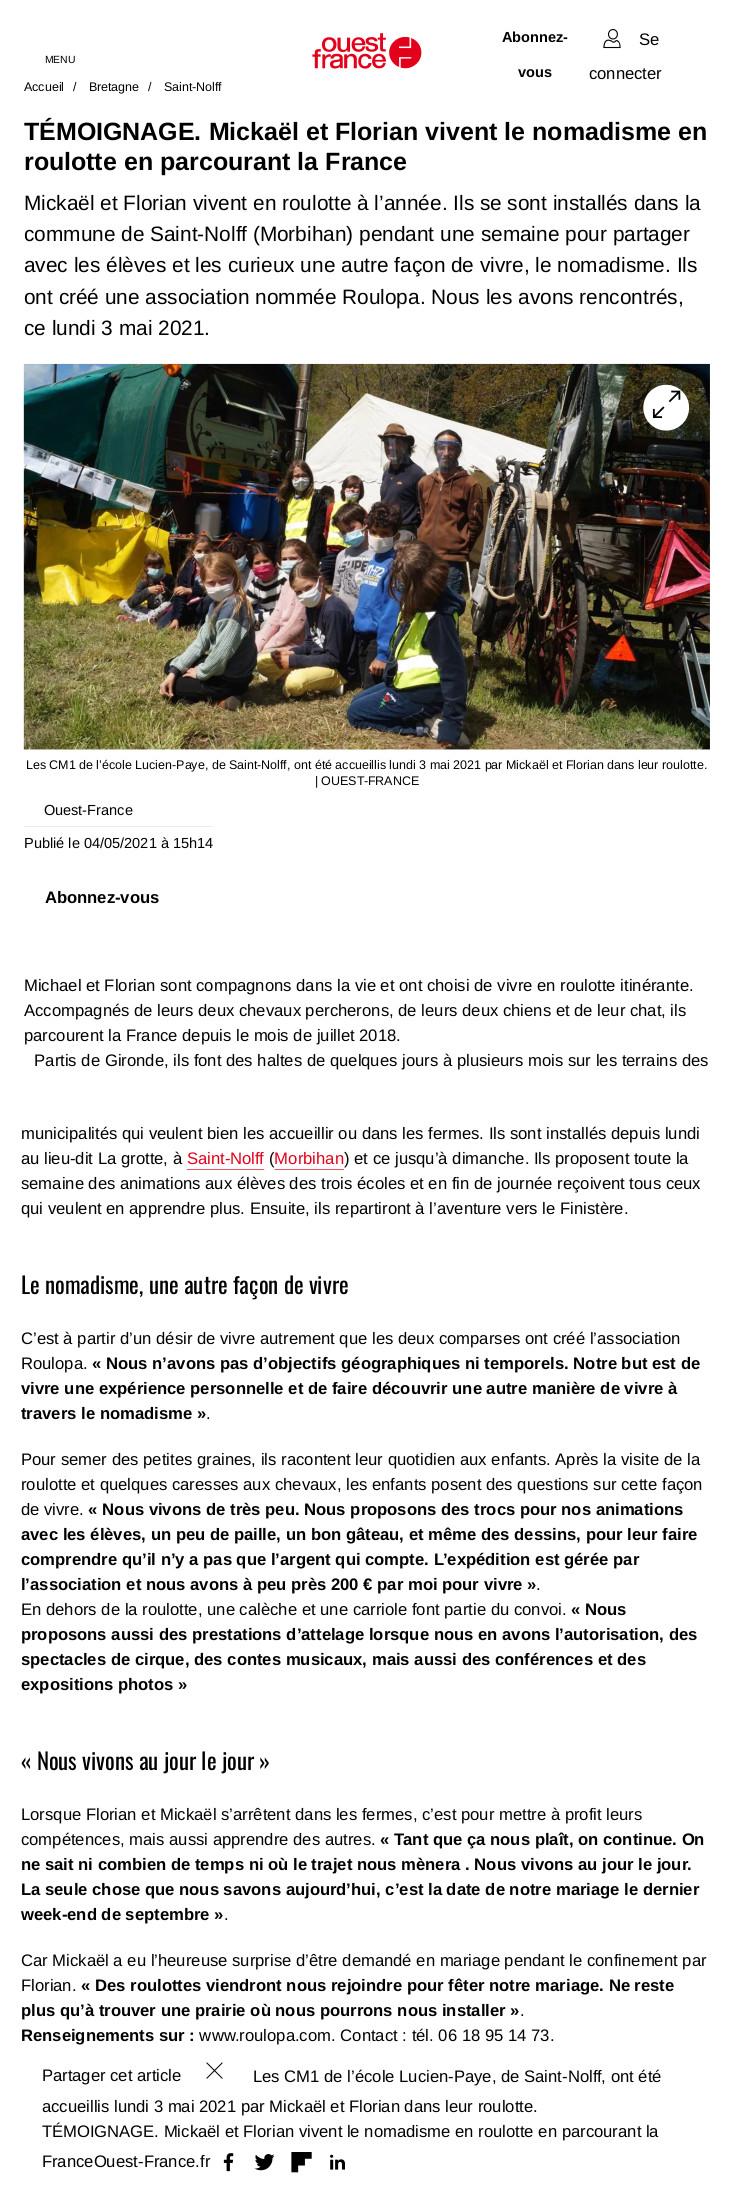 article de presse : ouest france du 04 05 2021